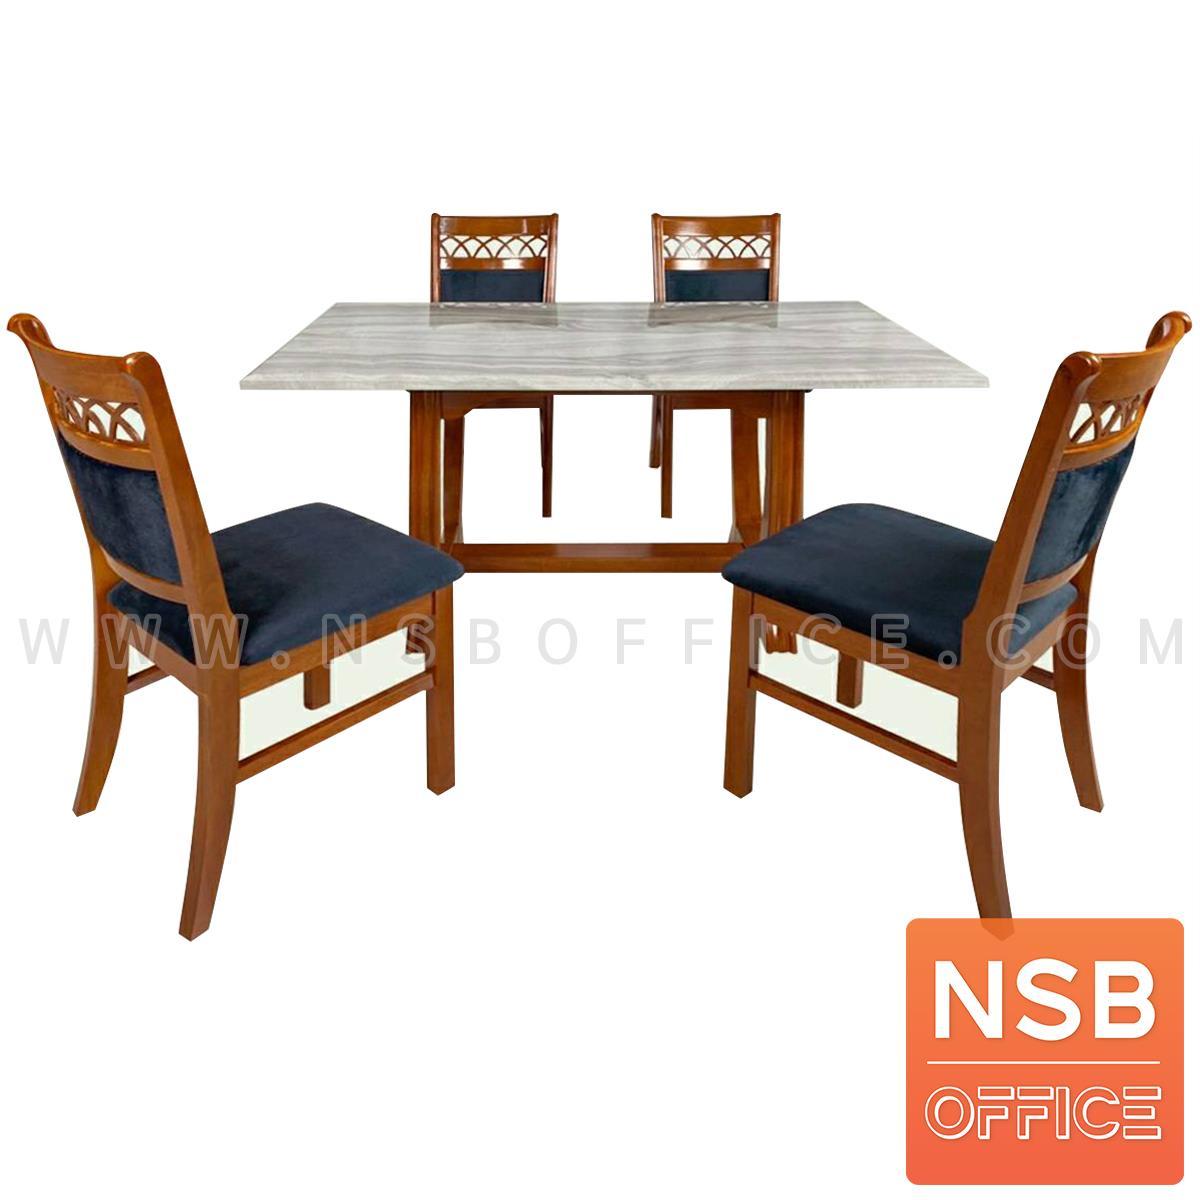 G14A242:ชุดโต๊ะรับประทานอาหารหน้าหินอ่อน  รุ่น Solace II 4, 6 ที่นั่ง ขนาด 150W*180W cm. พร้อมเก้าอี้